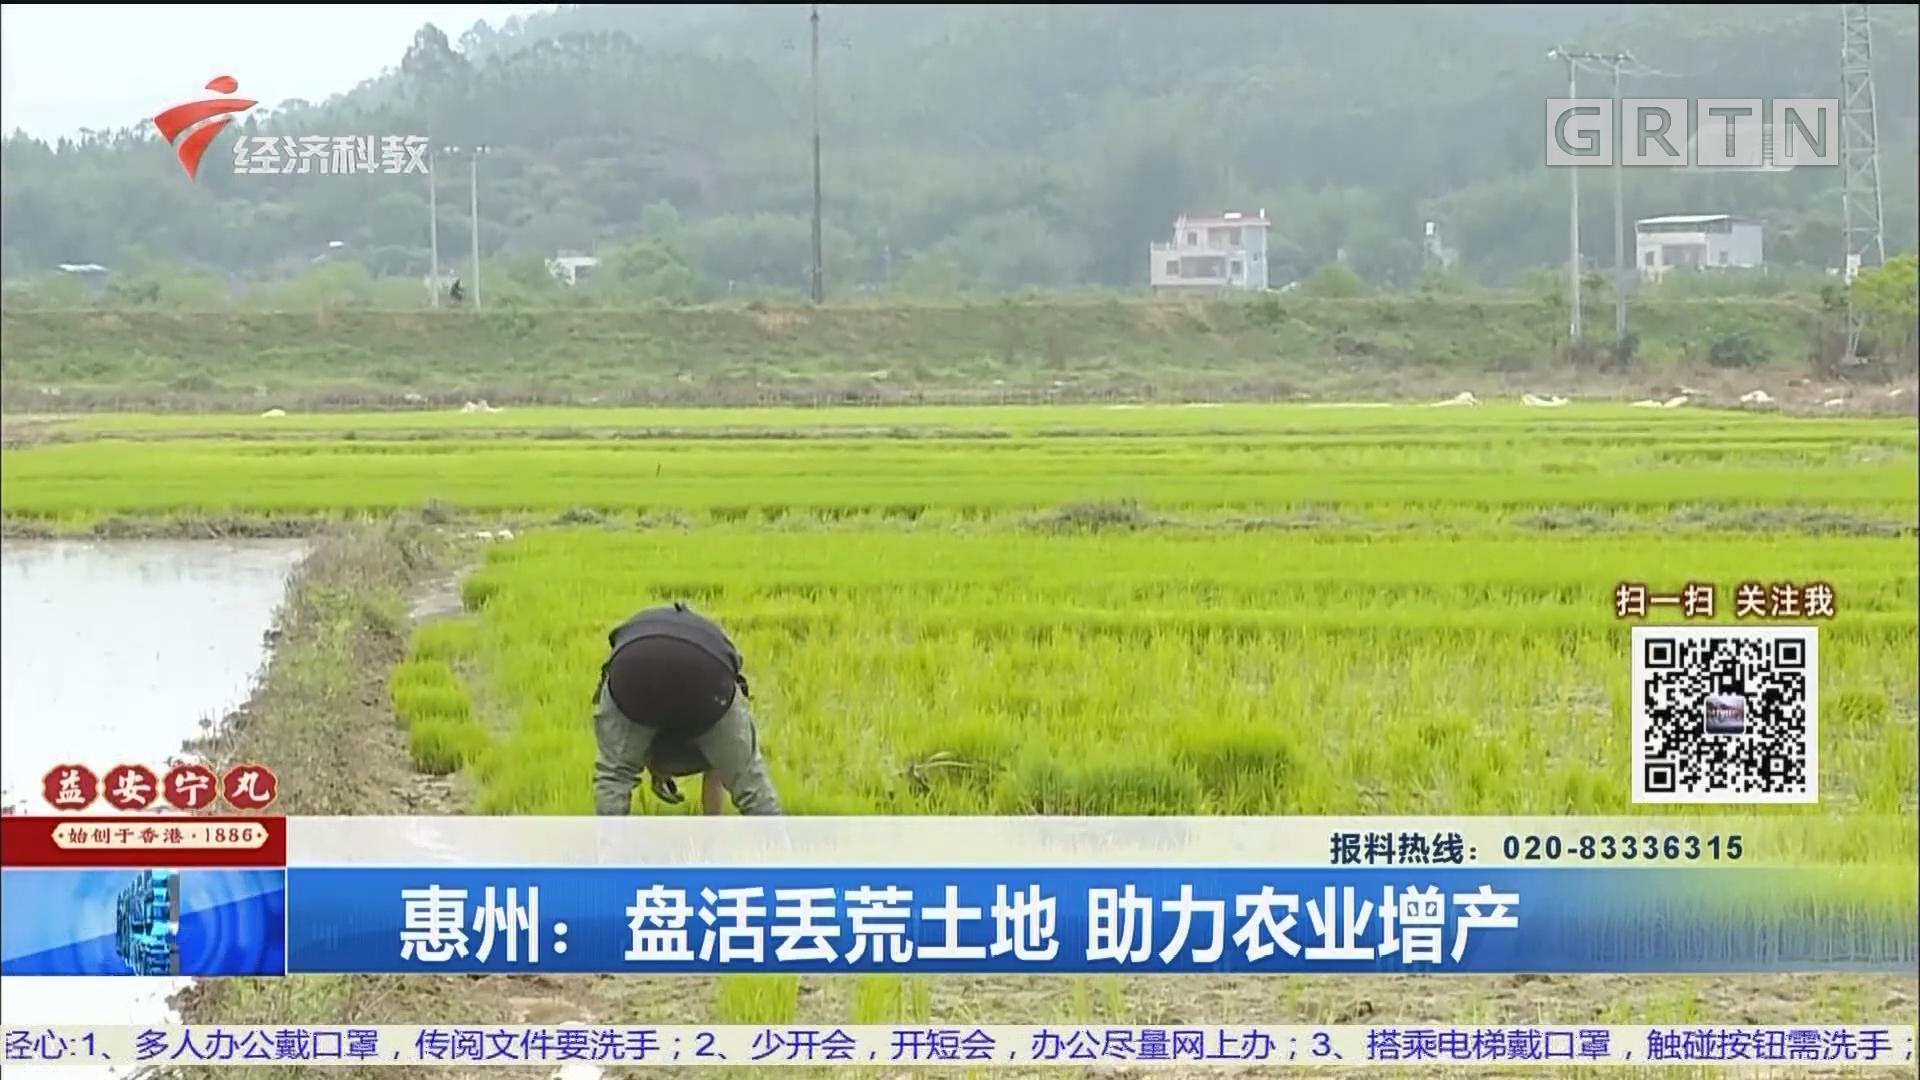 惠州:盘活丢荒土地 助力农业增产